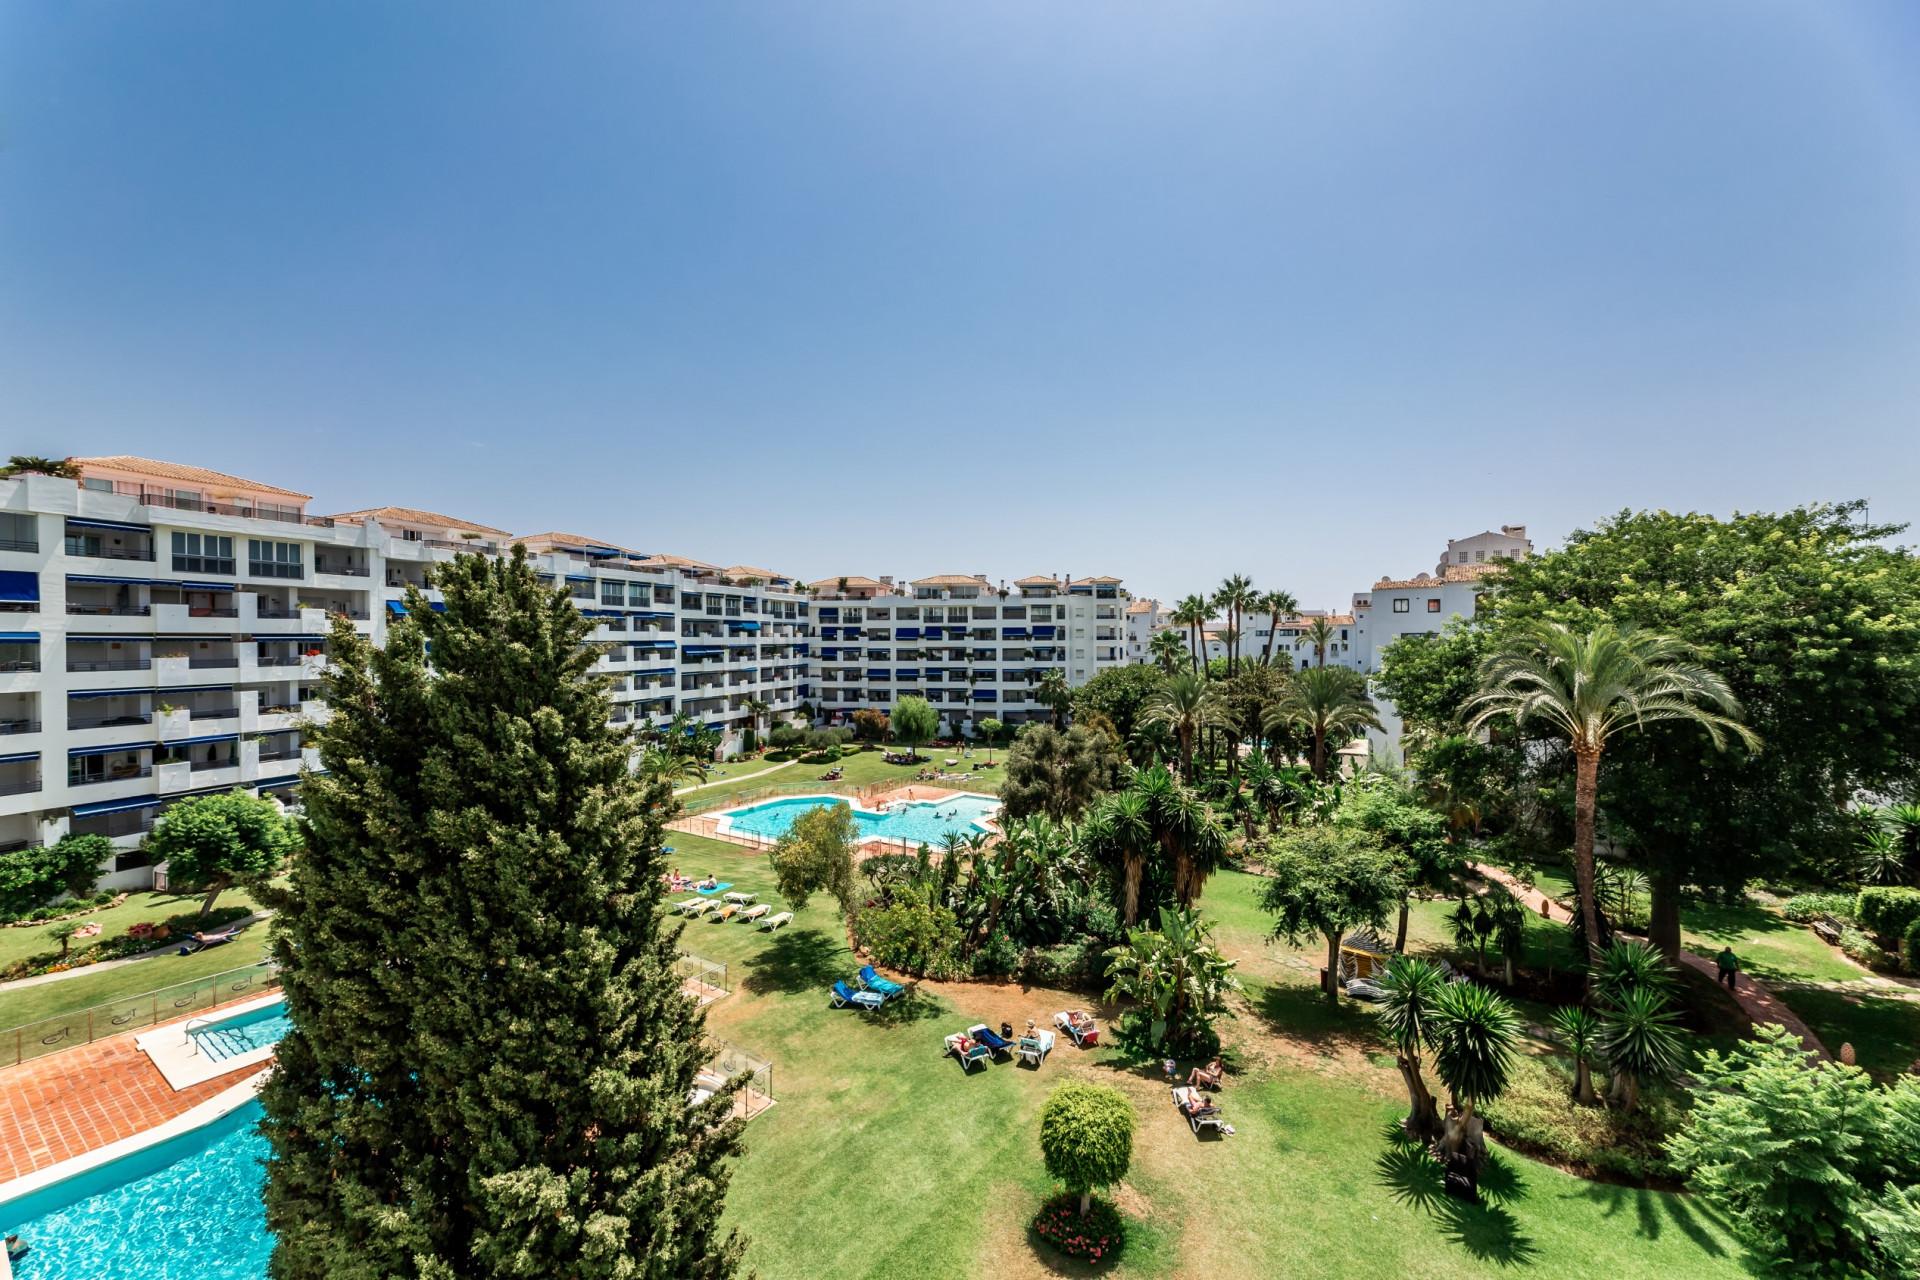 ARFA1440-2 Traumhaftes Appartement in Jardines del Puerto, Puerto Banus - Marbella